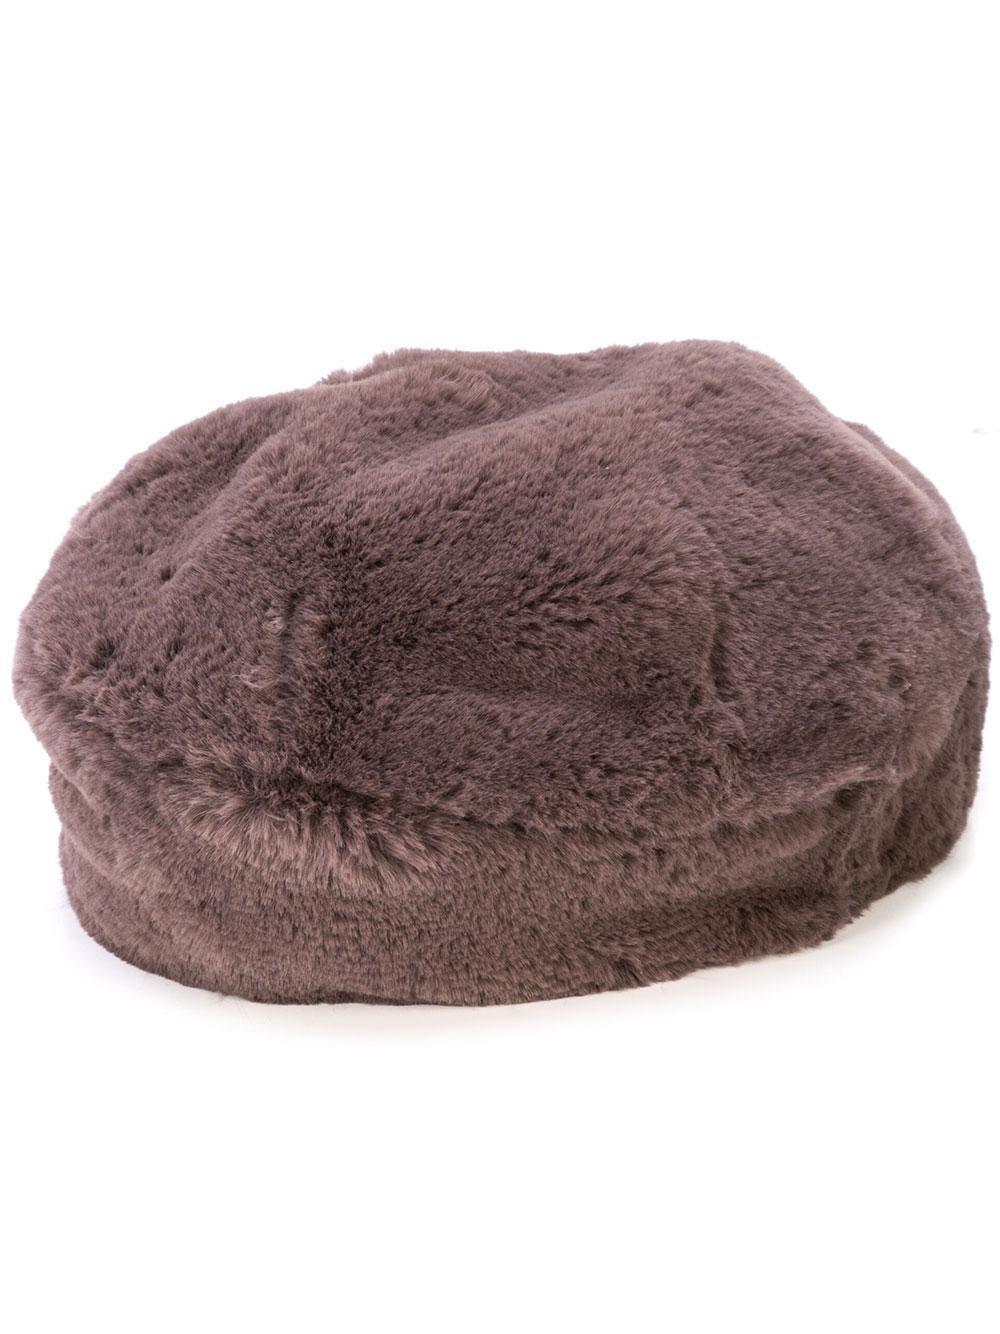 Mishka Faux Fur Beret